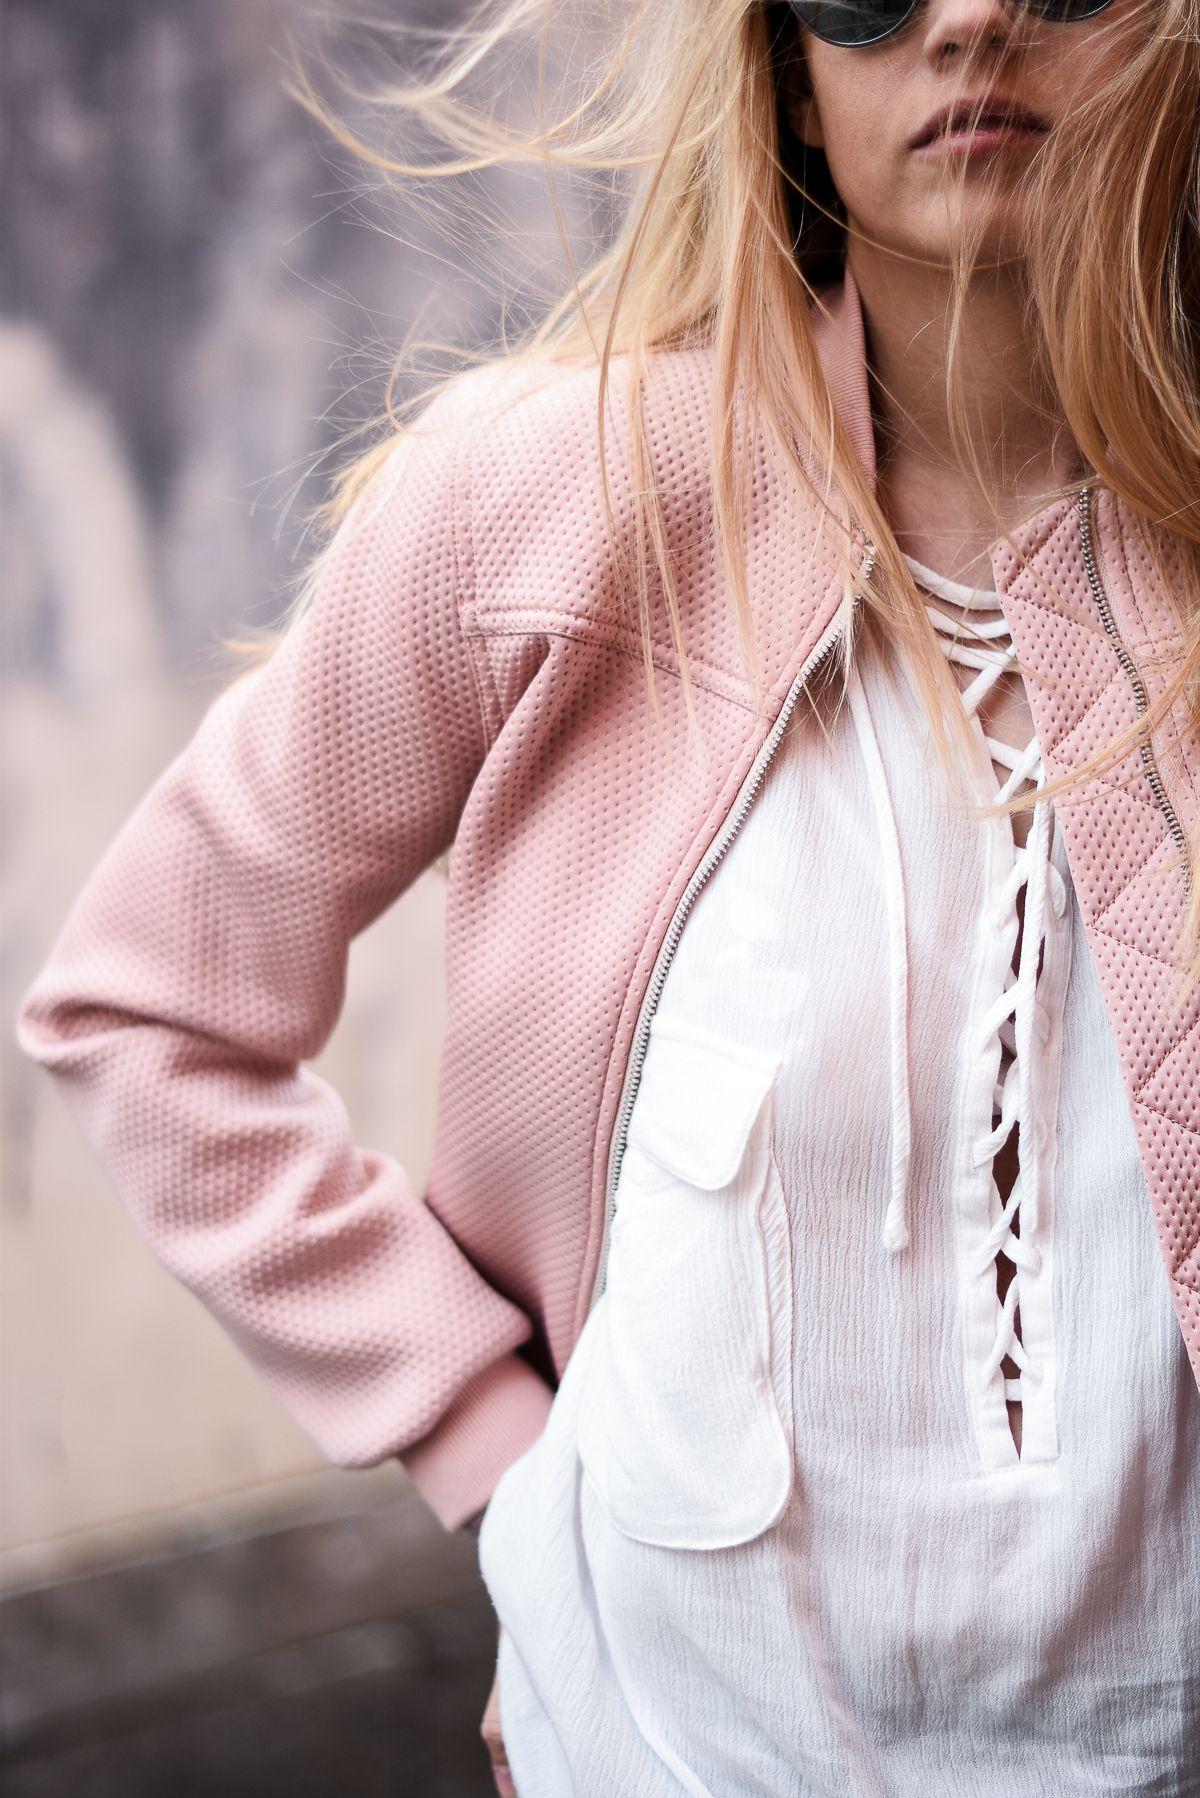 Comme un air de printemps   Fashion, Outfit inspirations